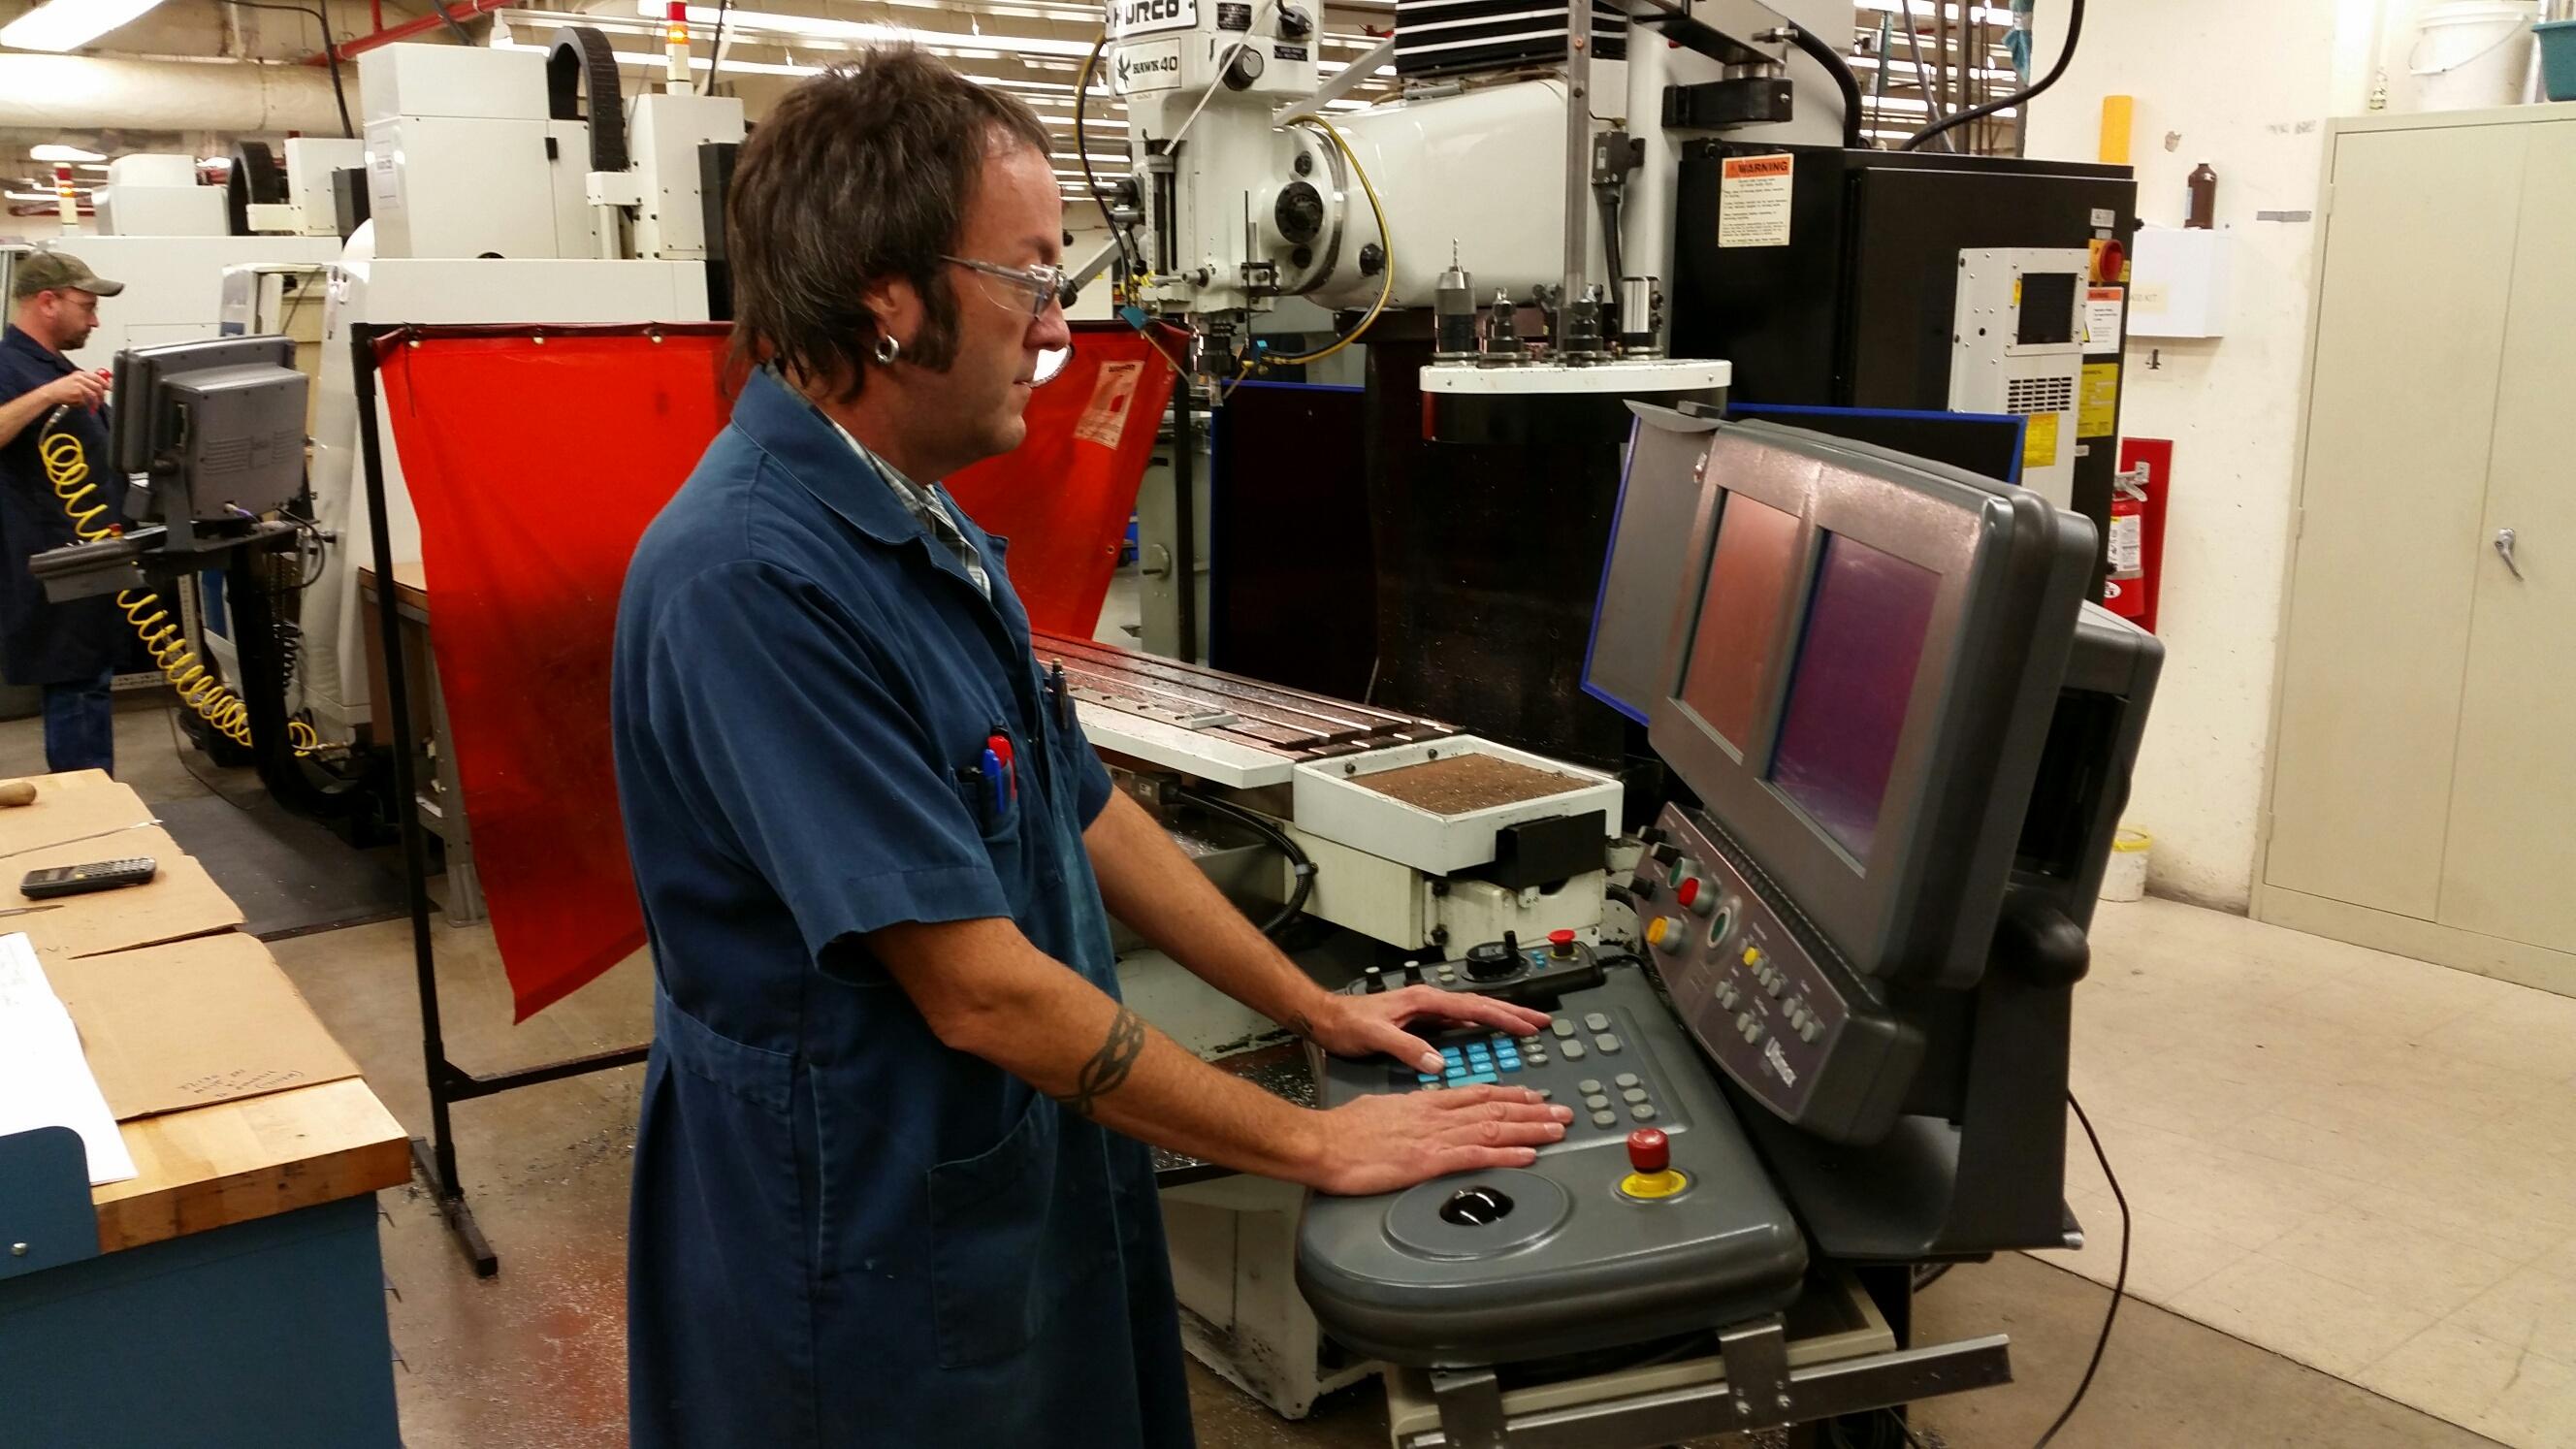 Инструкция за безопасна работа при ремонт и почистване на машини и съоръжения